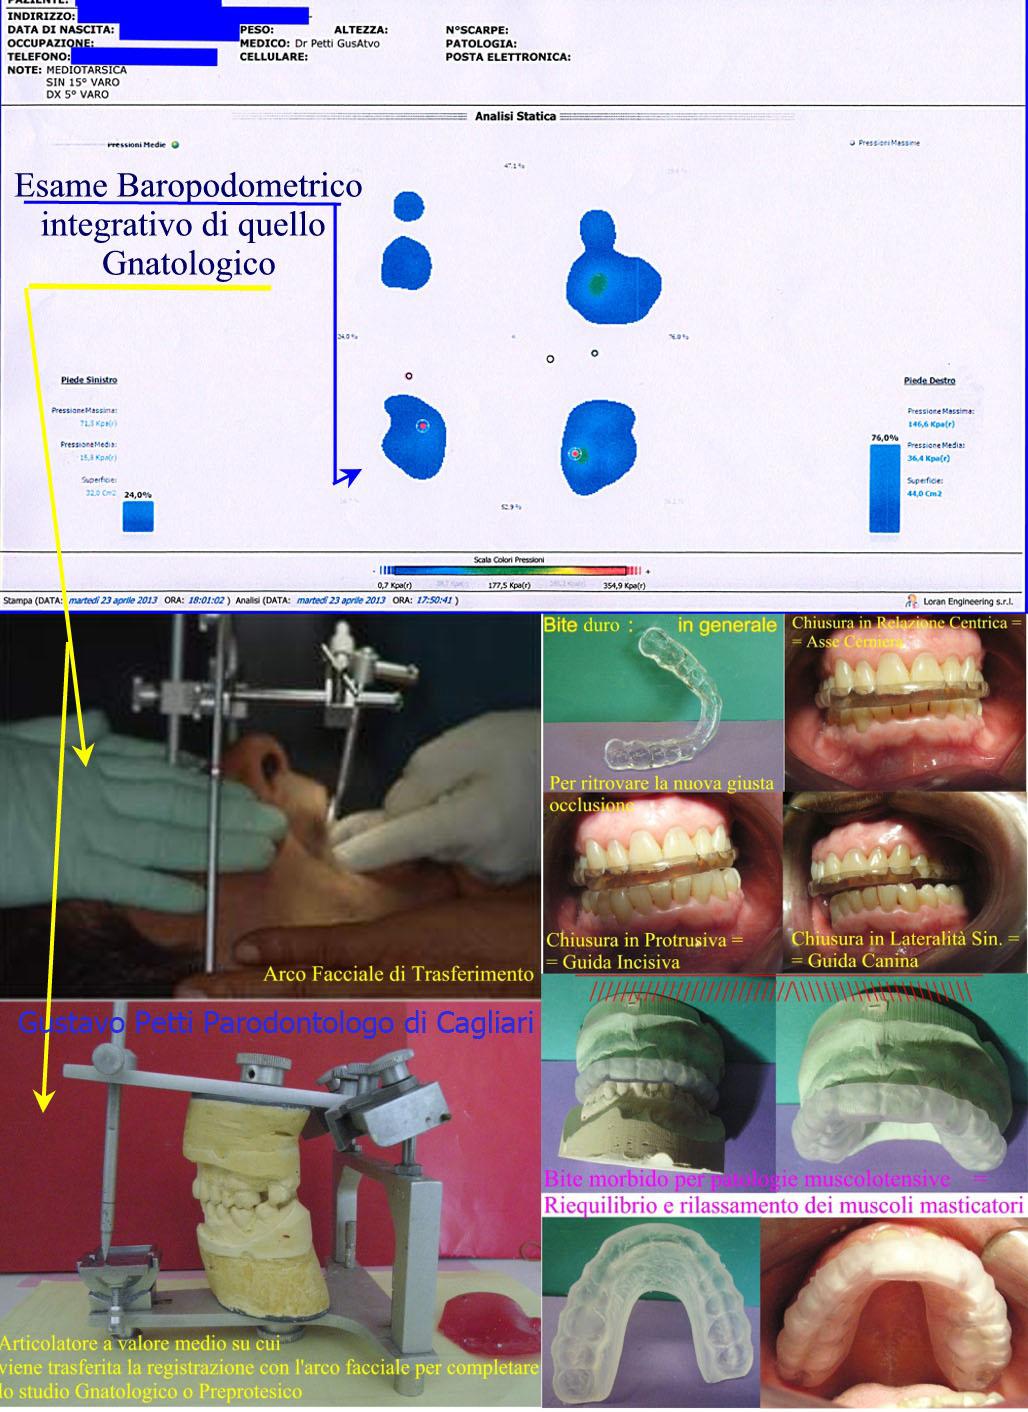 gnatologia-dr-g.petti-cagliari-065.jpg